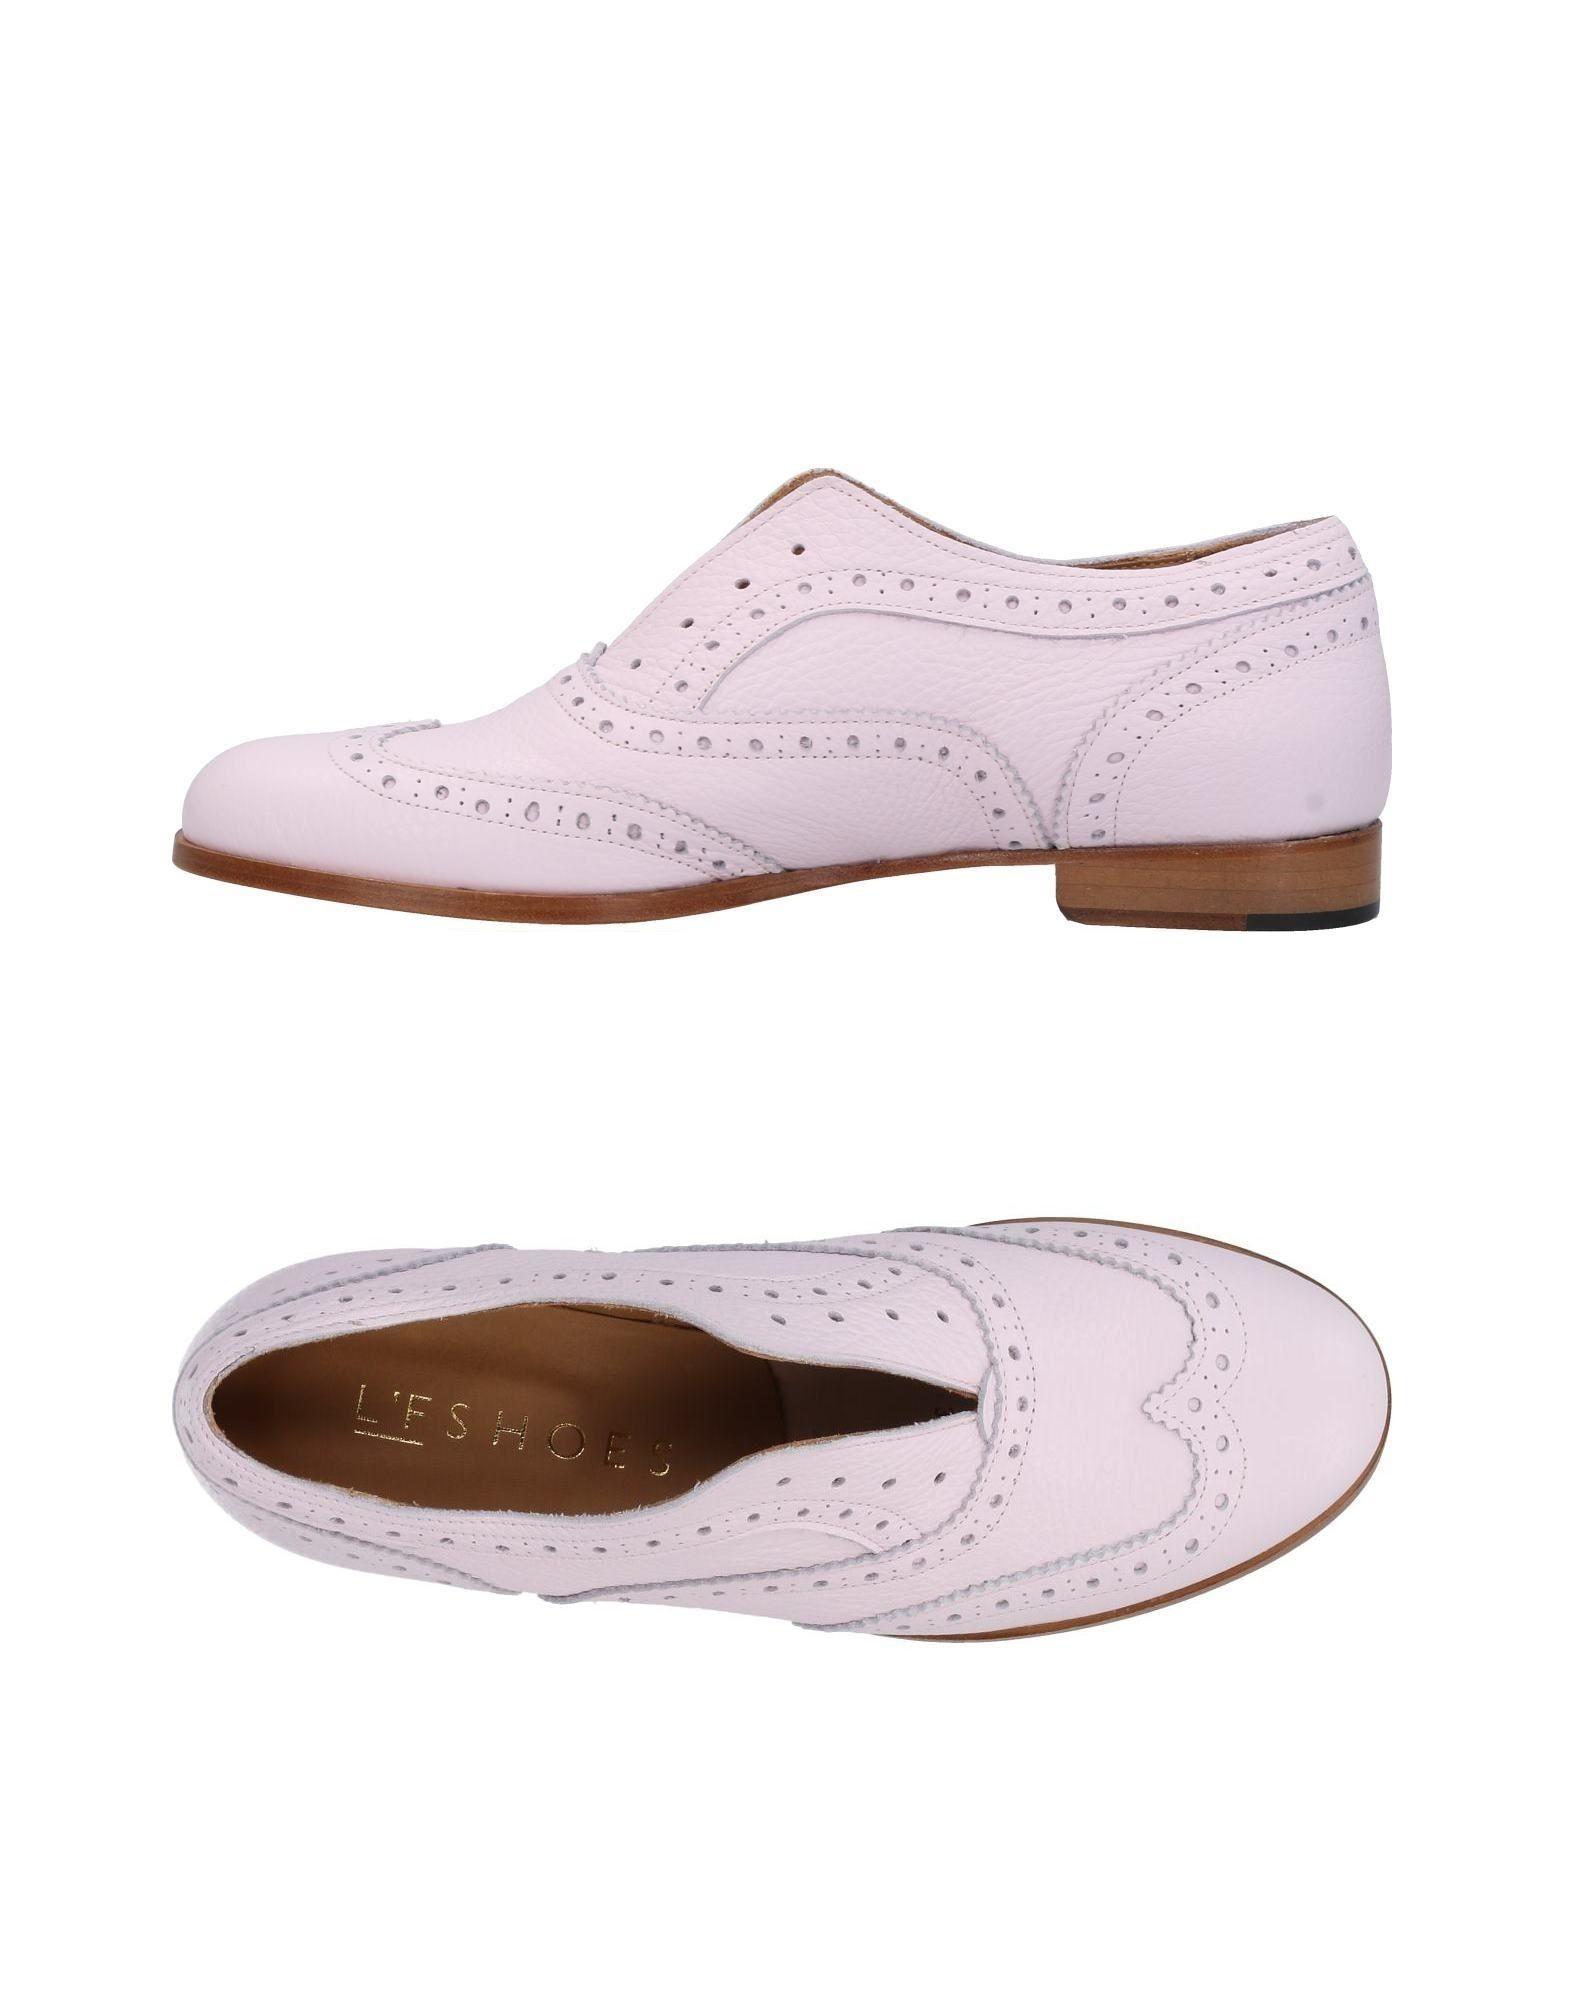 L'f Shoes Mokassins Damen  11448896HR Gute Qualität beliebte Schuhe